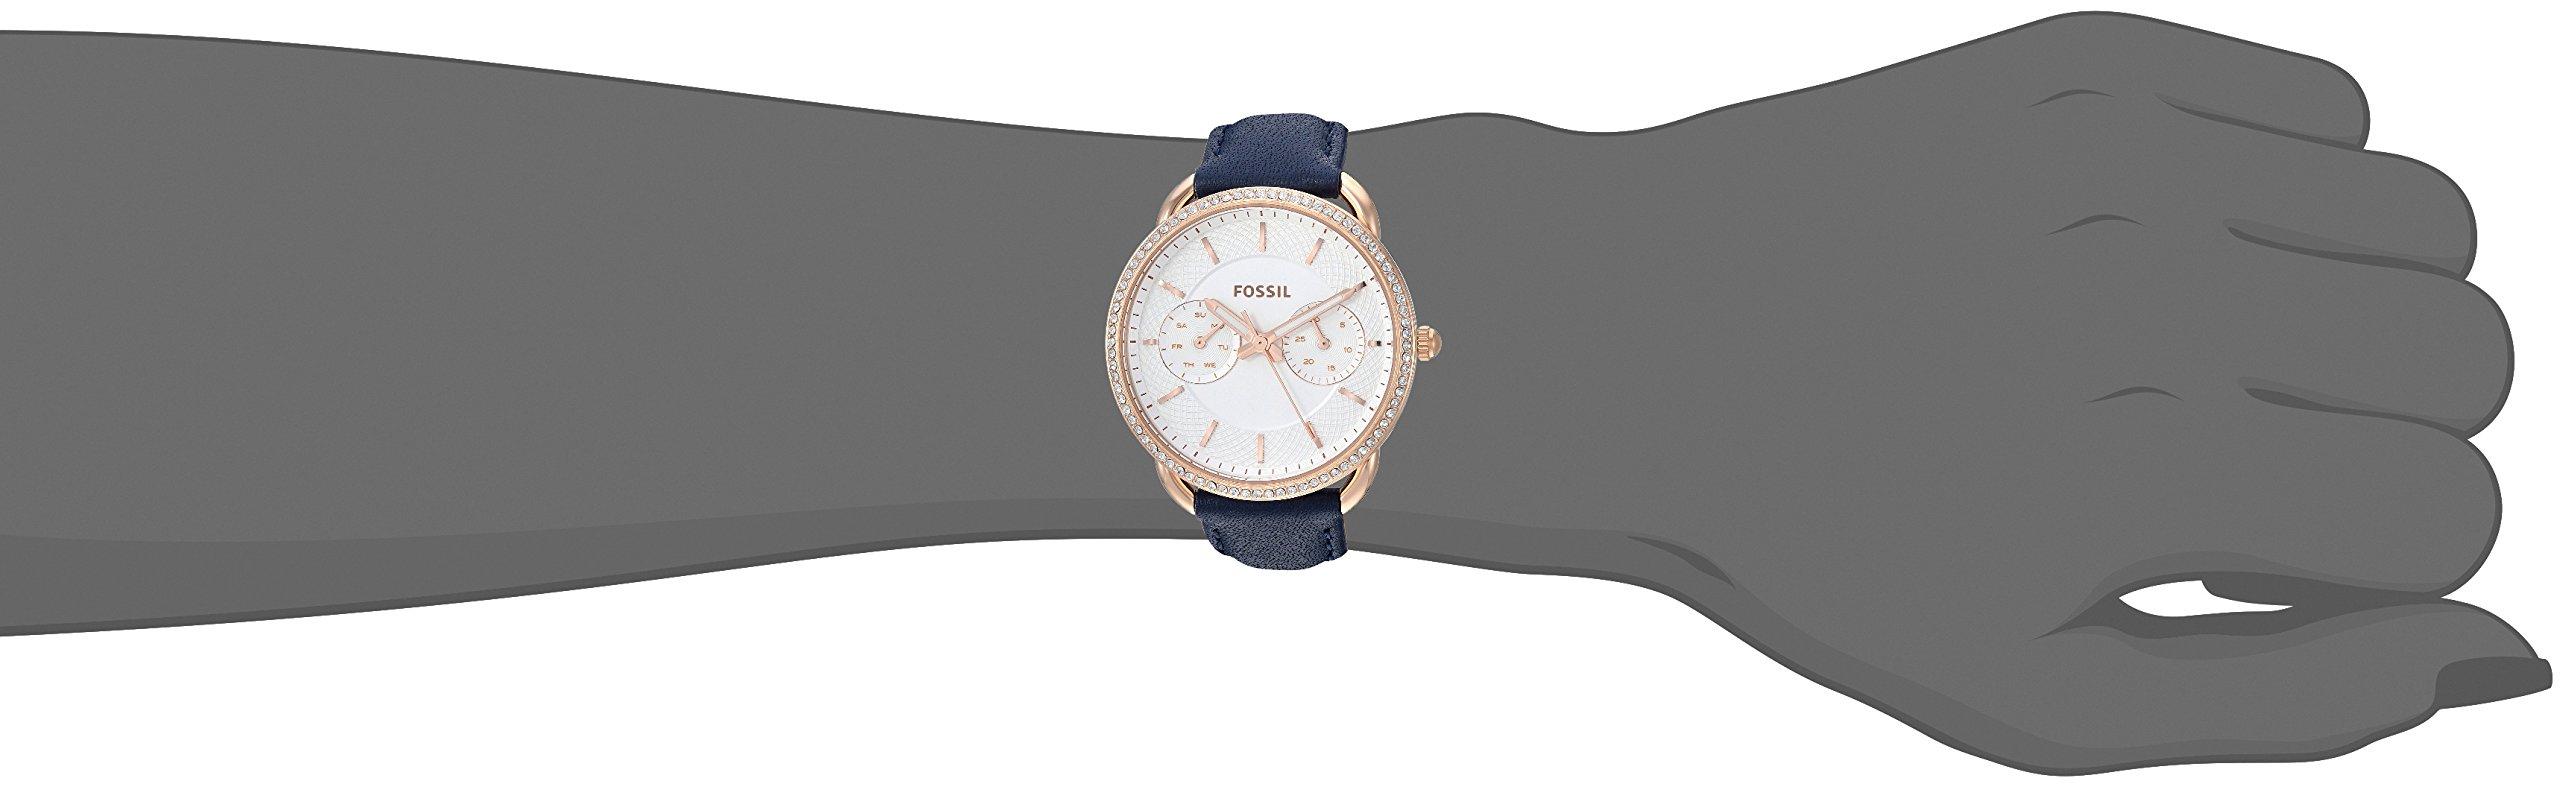 Fossil ES4394 Uhr Damenuhr Lederarmband vergoldet 5 bar Analog Datum Blau